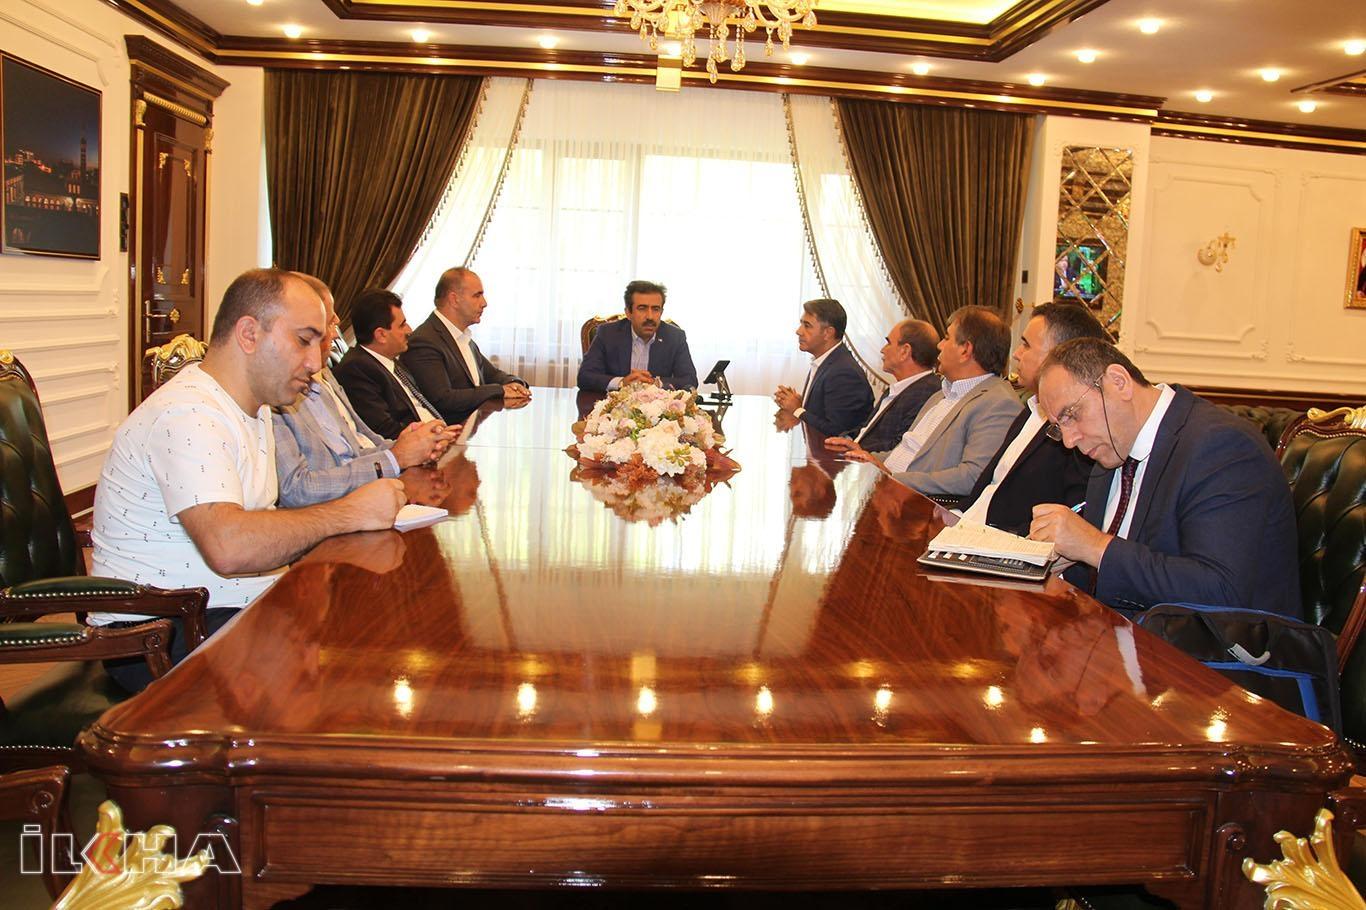 Diyarbakır Ticaret Borsasından Büyükşehir Belediyesine destek ziyareti.